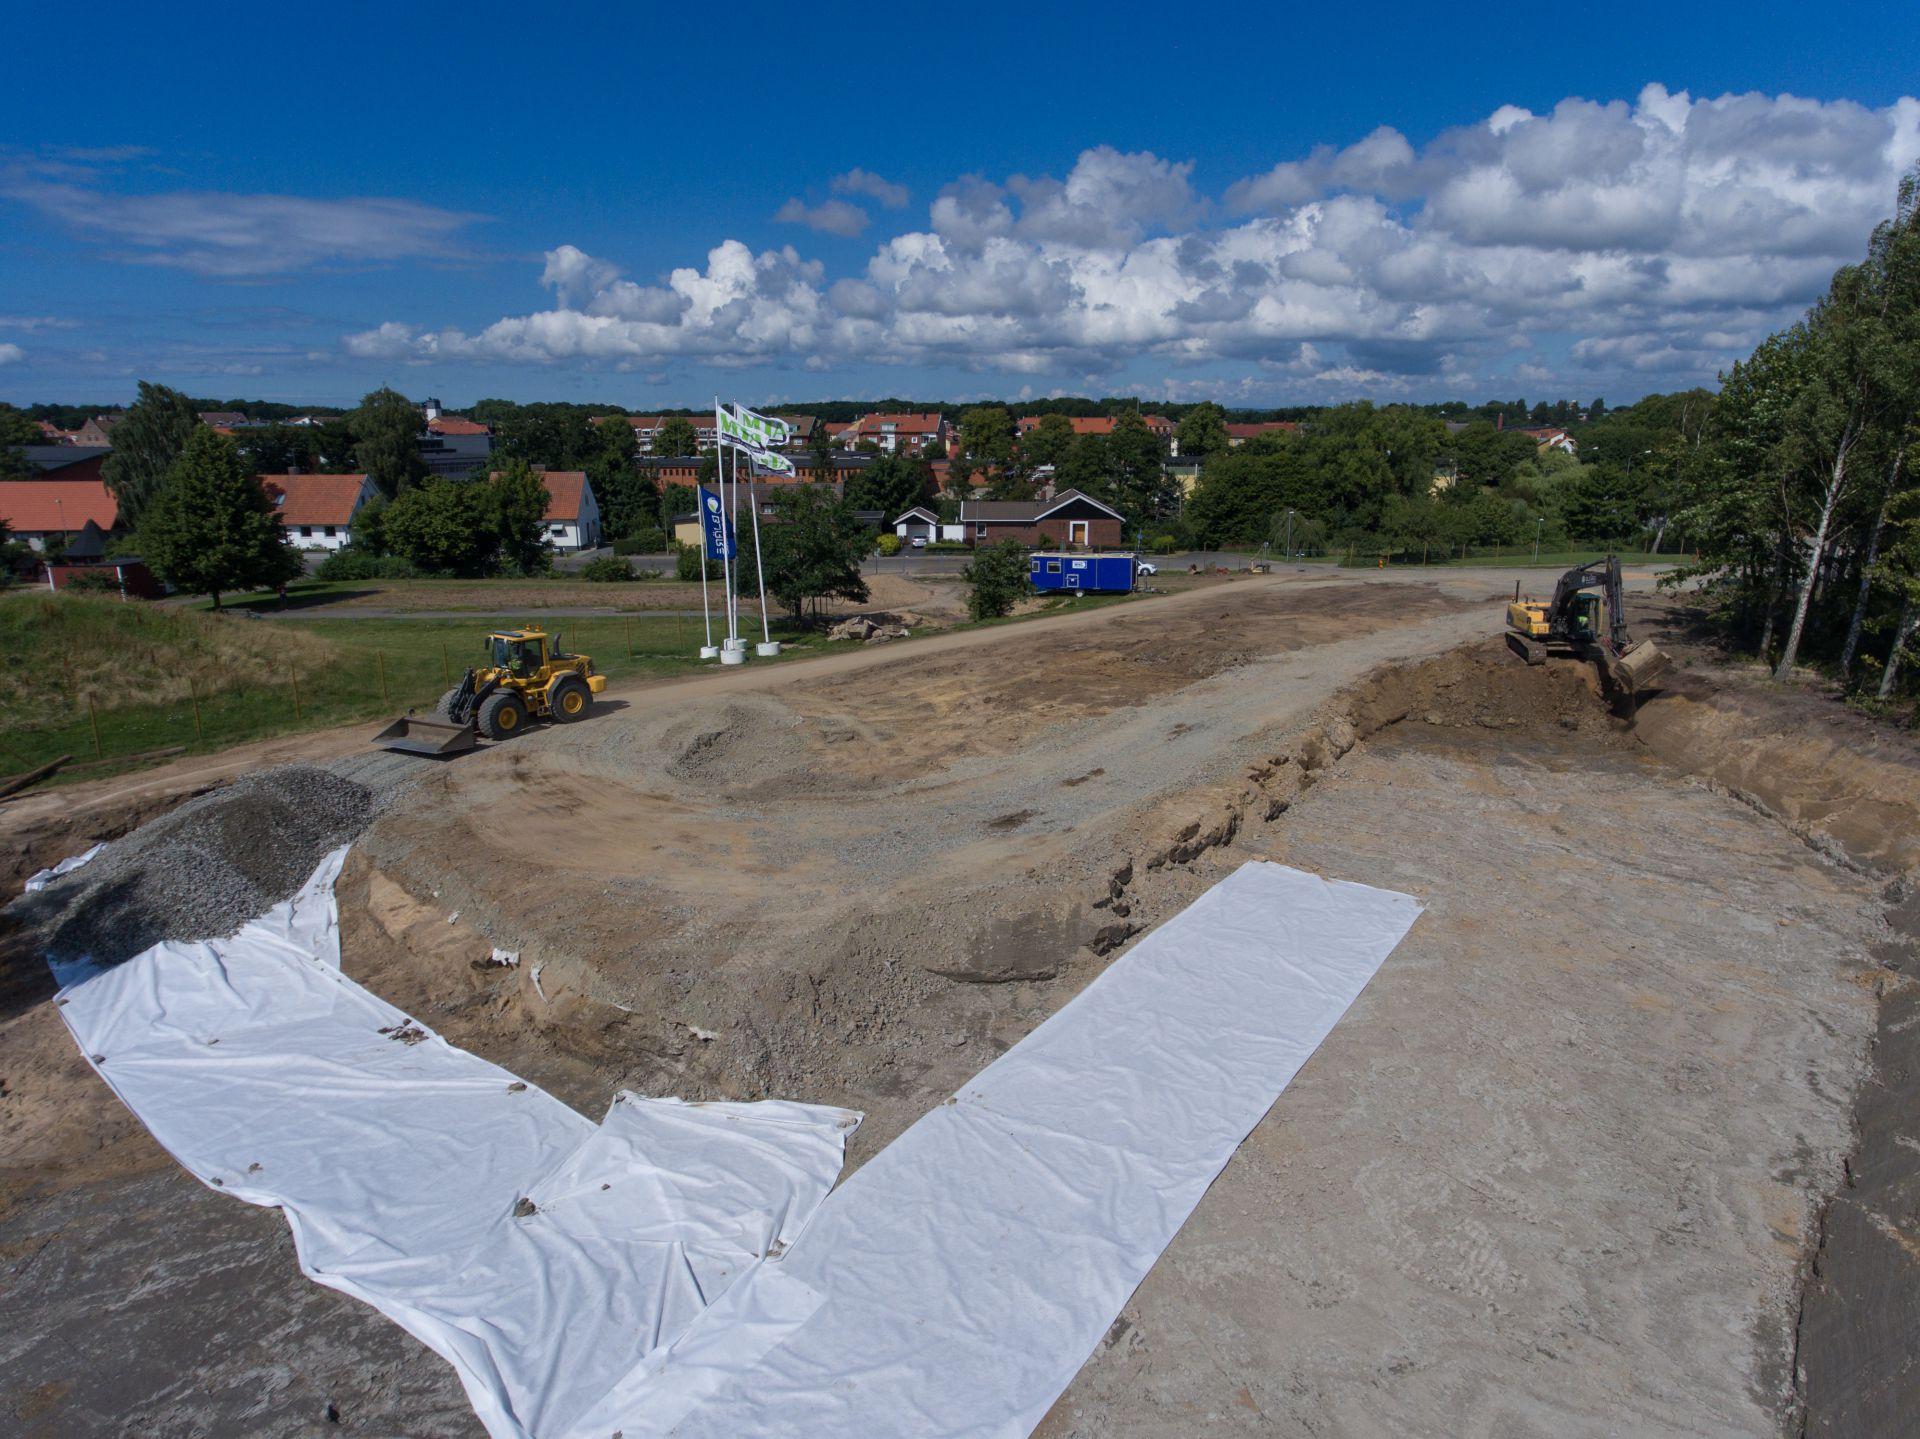 Bjäre Entreprenad jobbar med markarbetet åt MTA för byggprojektet Thulins Trädgårdar i Ängelholm